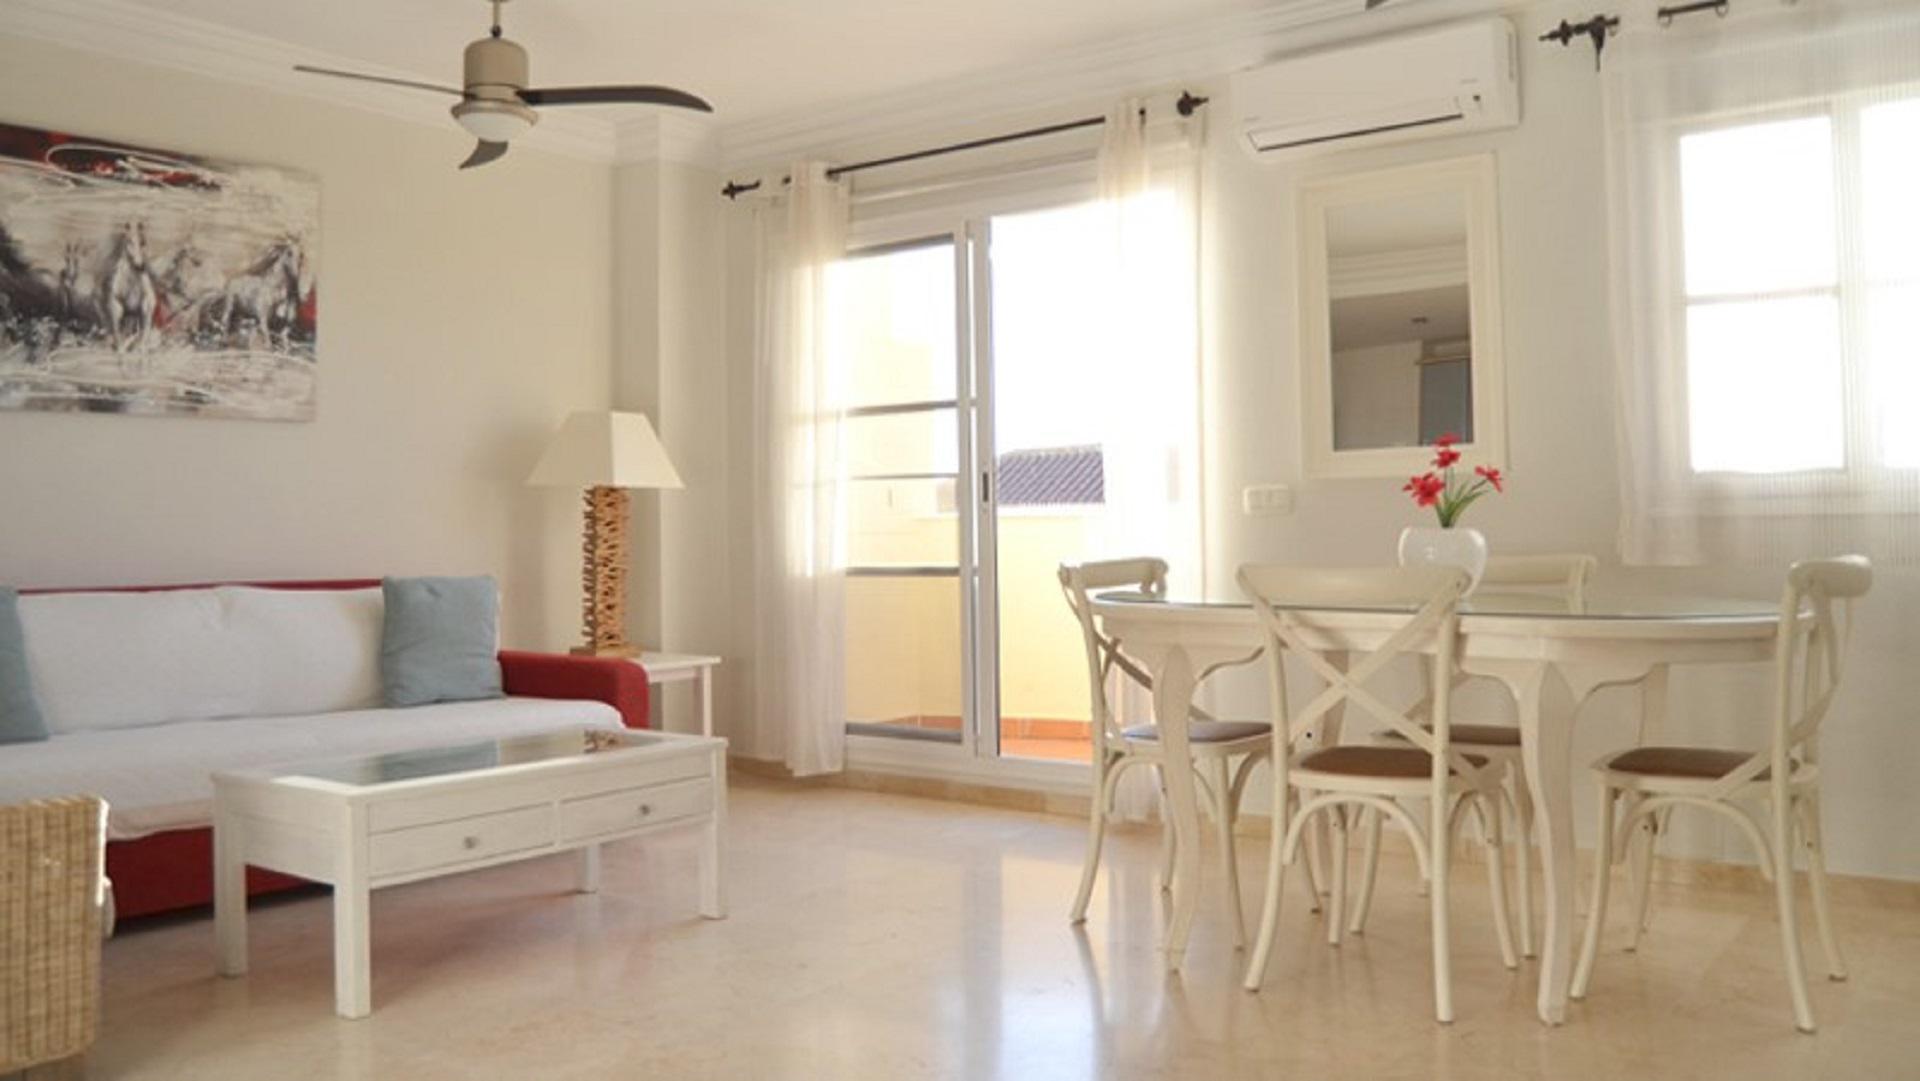 Flat -                                       Caleta De Velez -                                       2 bedrooms -                                       4 persons